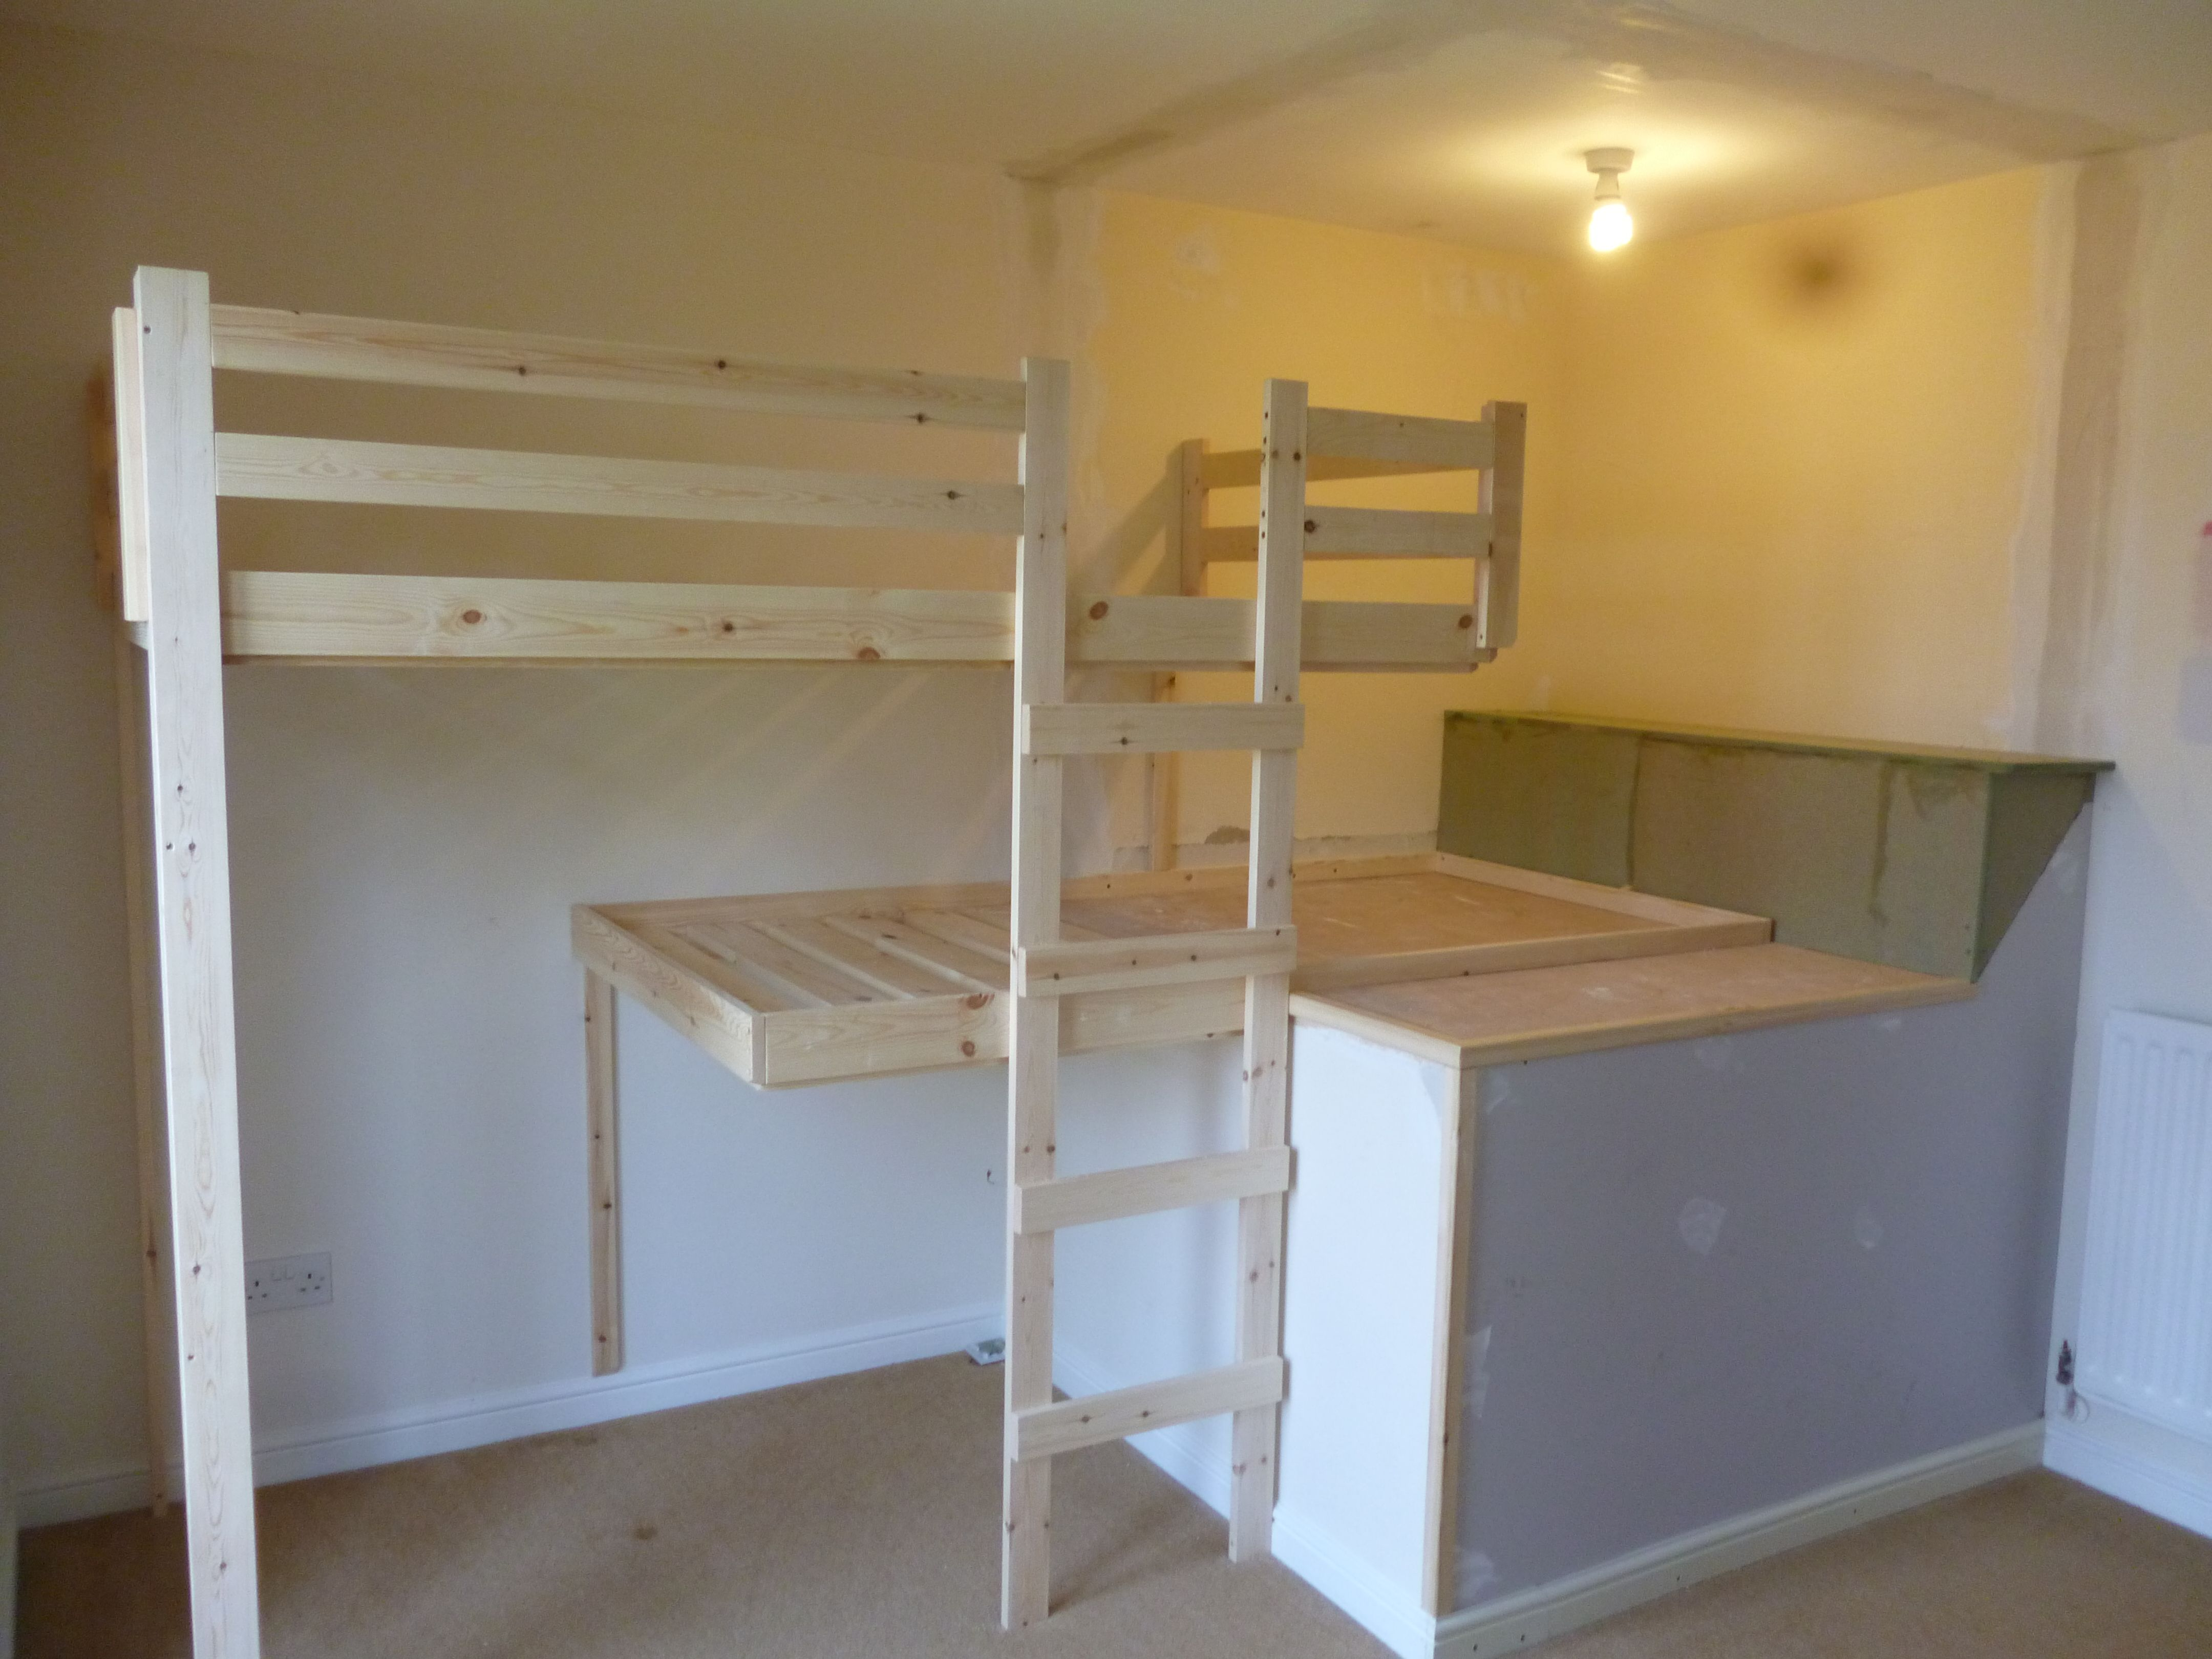 Diy Bunk Bed Plans Bedroom Inspiration Popular Unfinished Oak